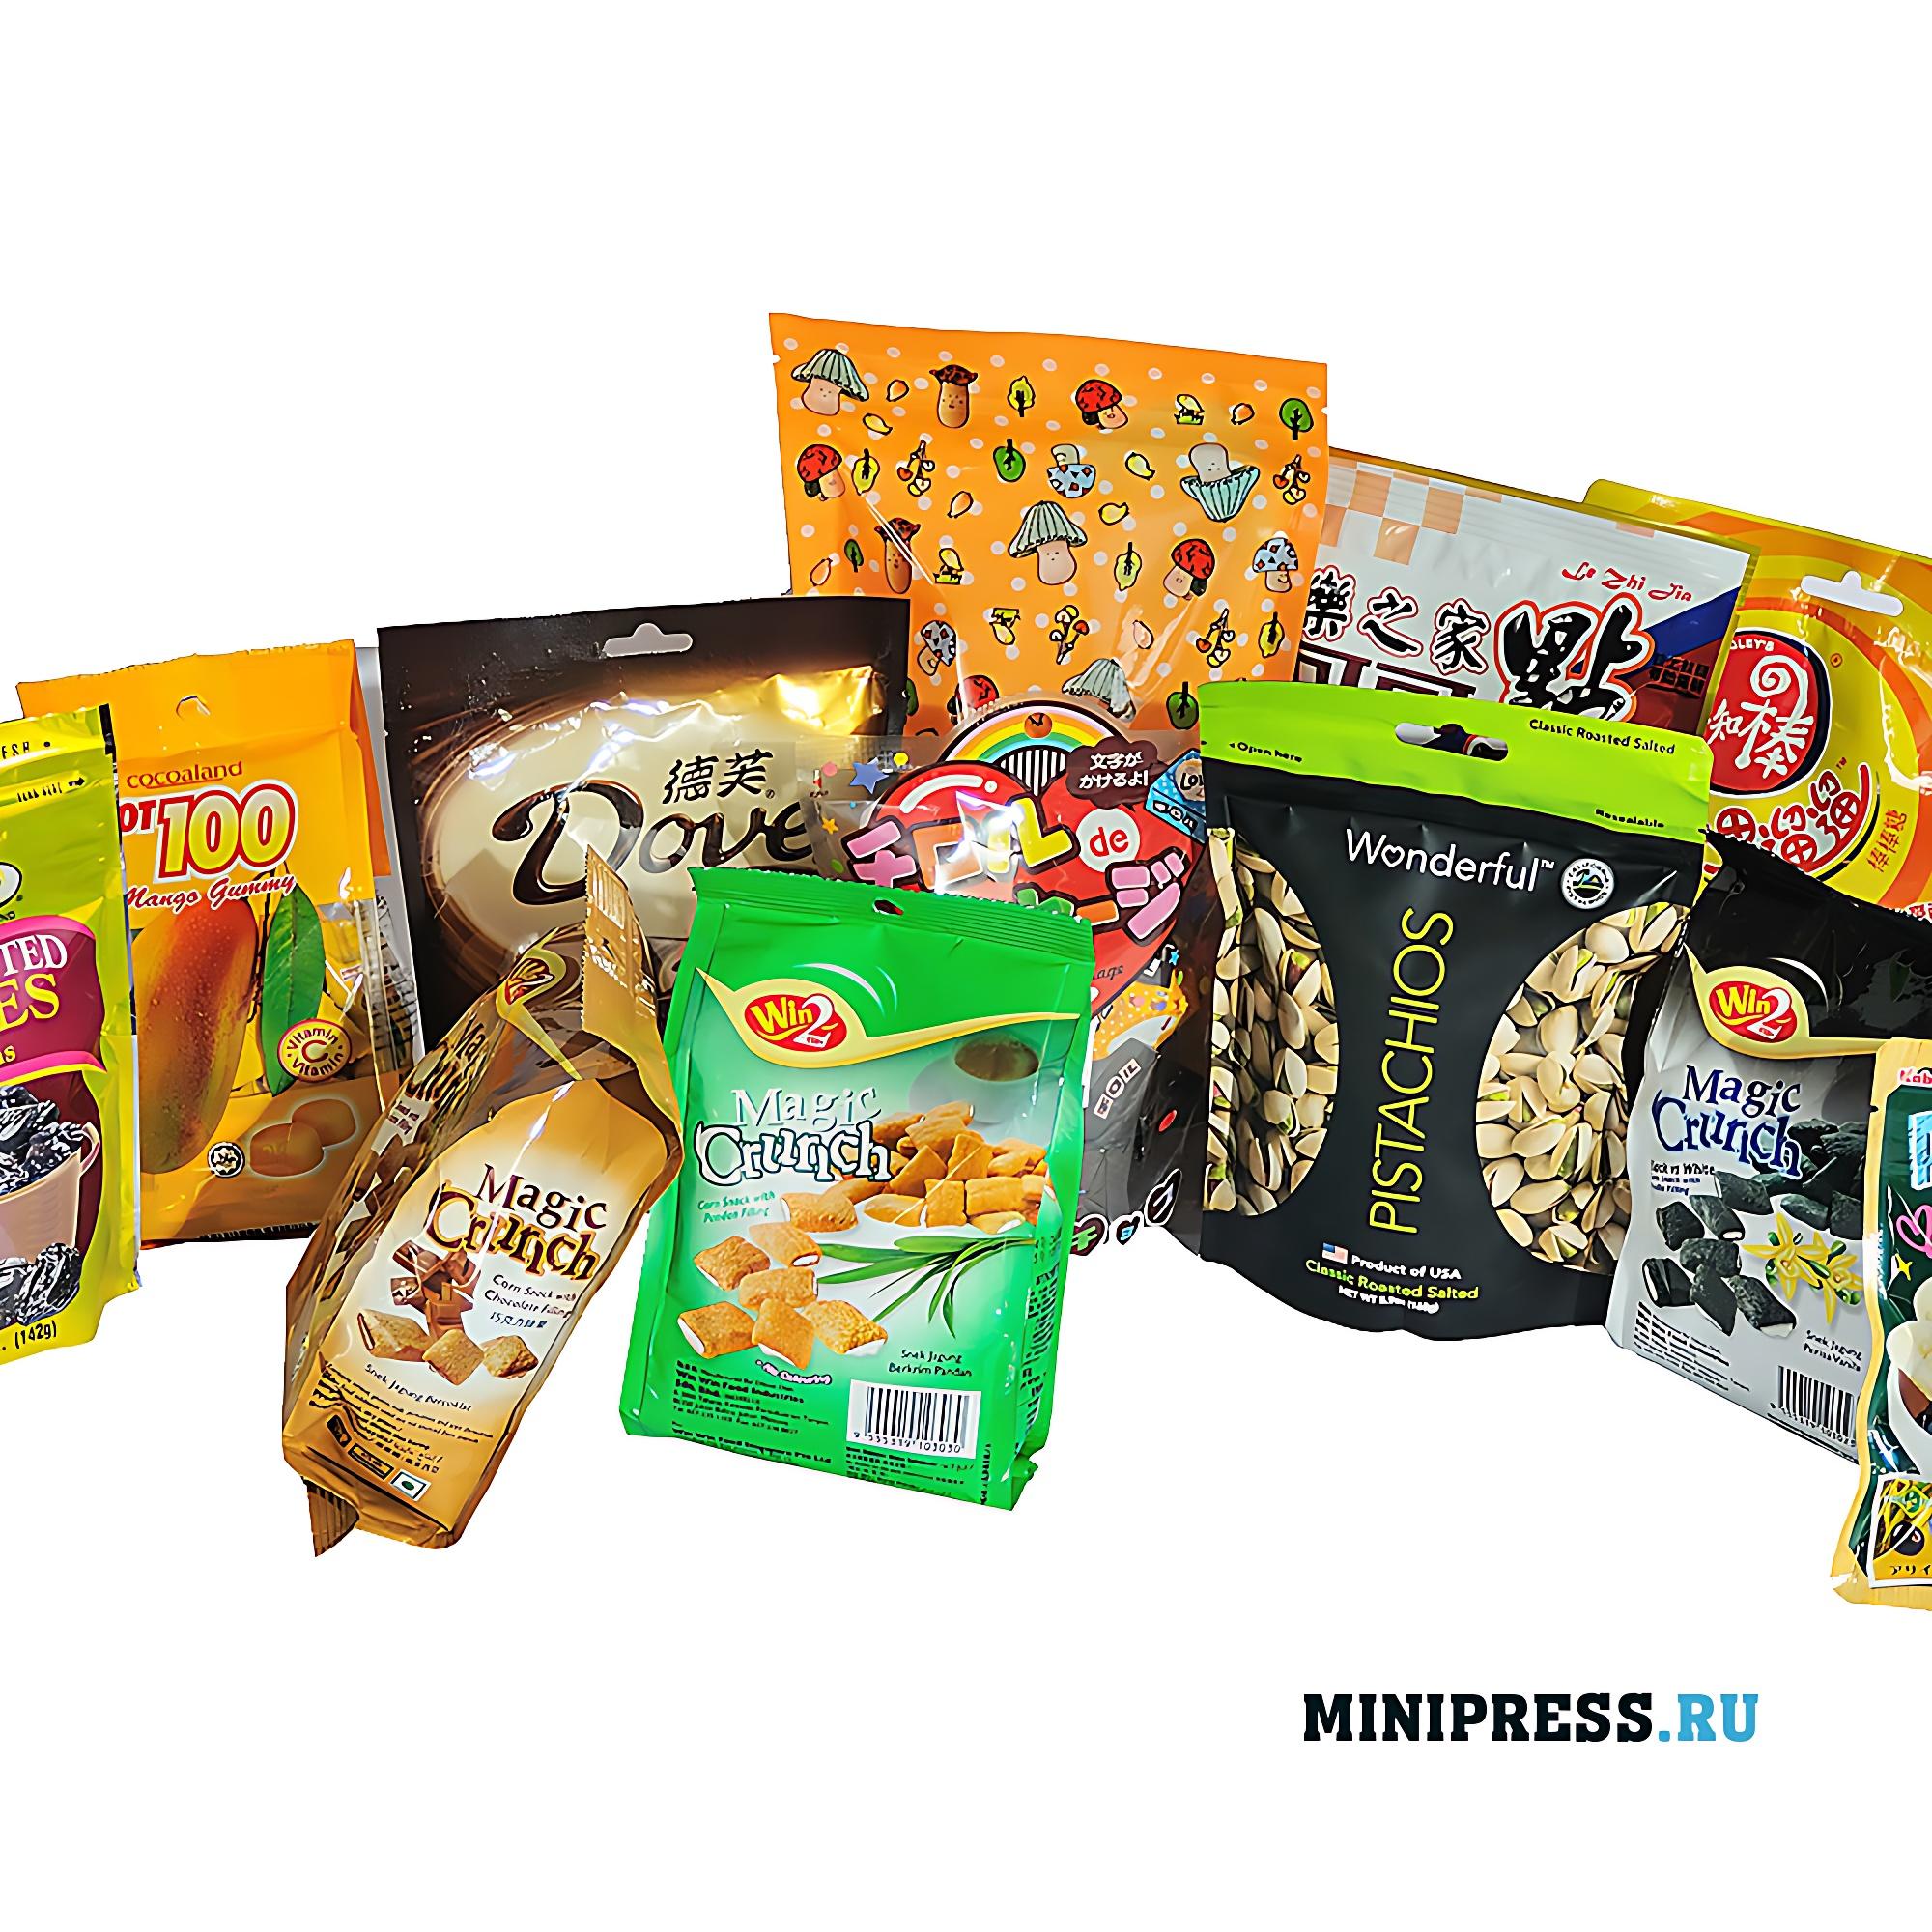 Оборудование для фасовки и упаковки в дой-пак пакеты любых продуктов